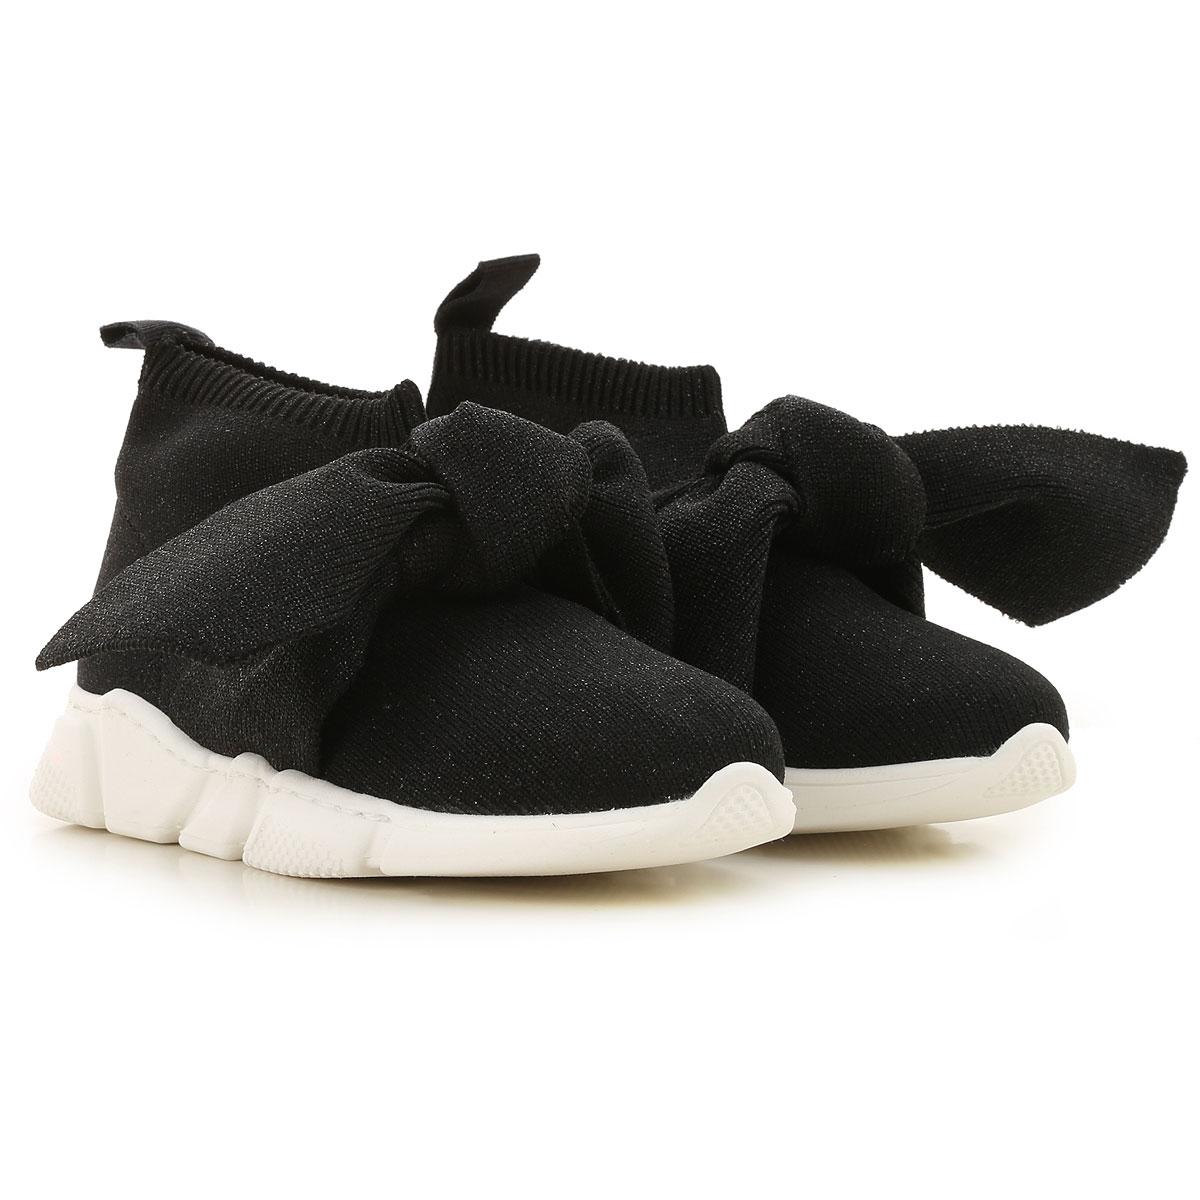 Florens Kids Shoes for Girls On Sale, Black, lurex, 2019, 20 21 22 24 25 26 27 28